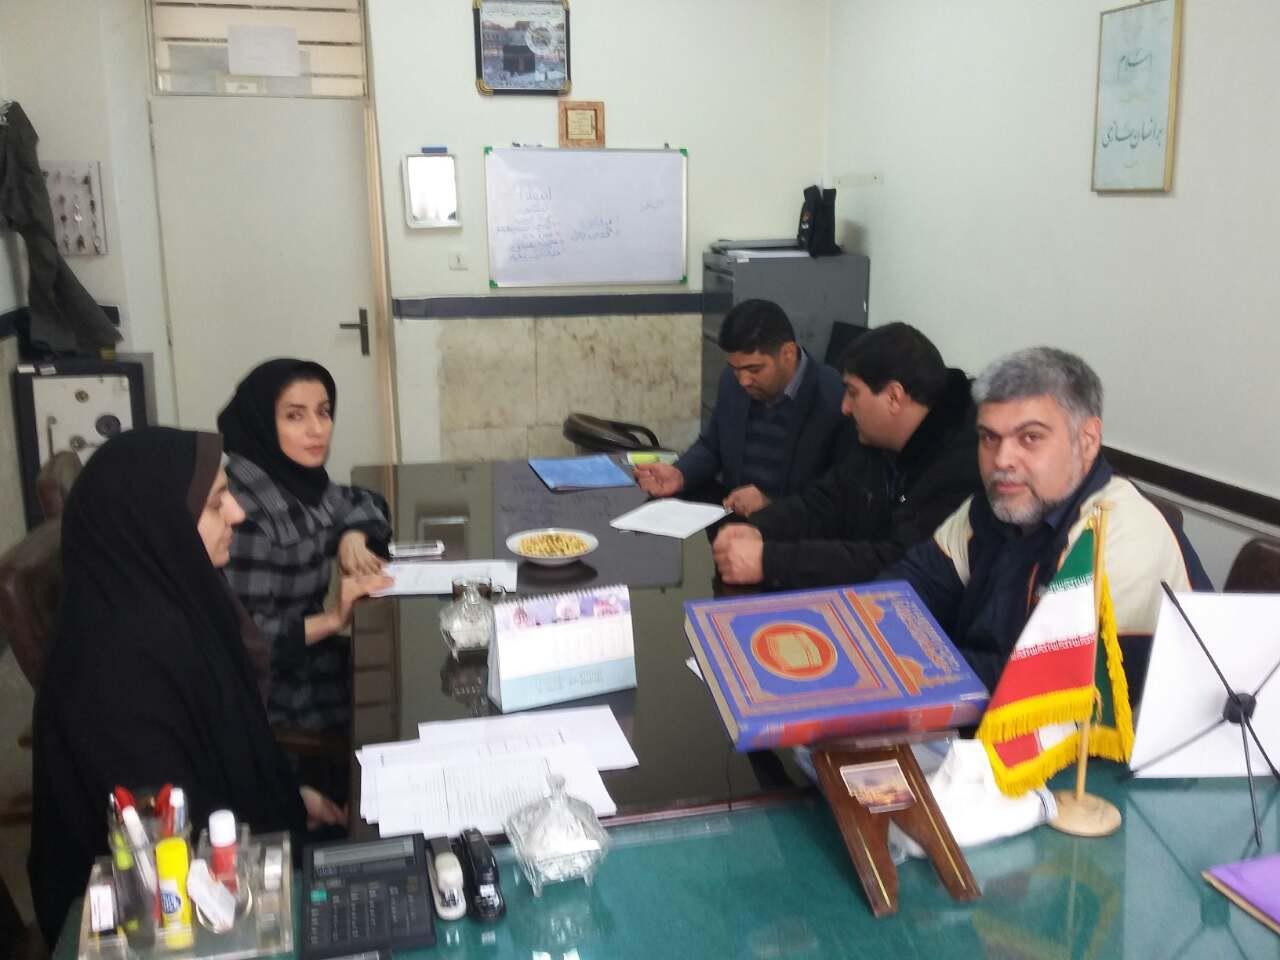 جلسه مشاوره  روز شنبه 2 بهمن ماه با حضور مشاوران آموزش و پرورش منطقه 16 برگزار شد.